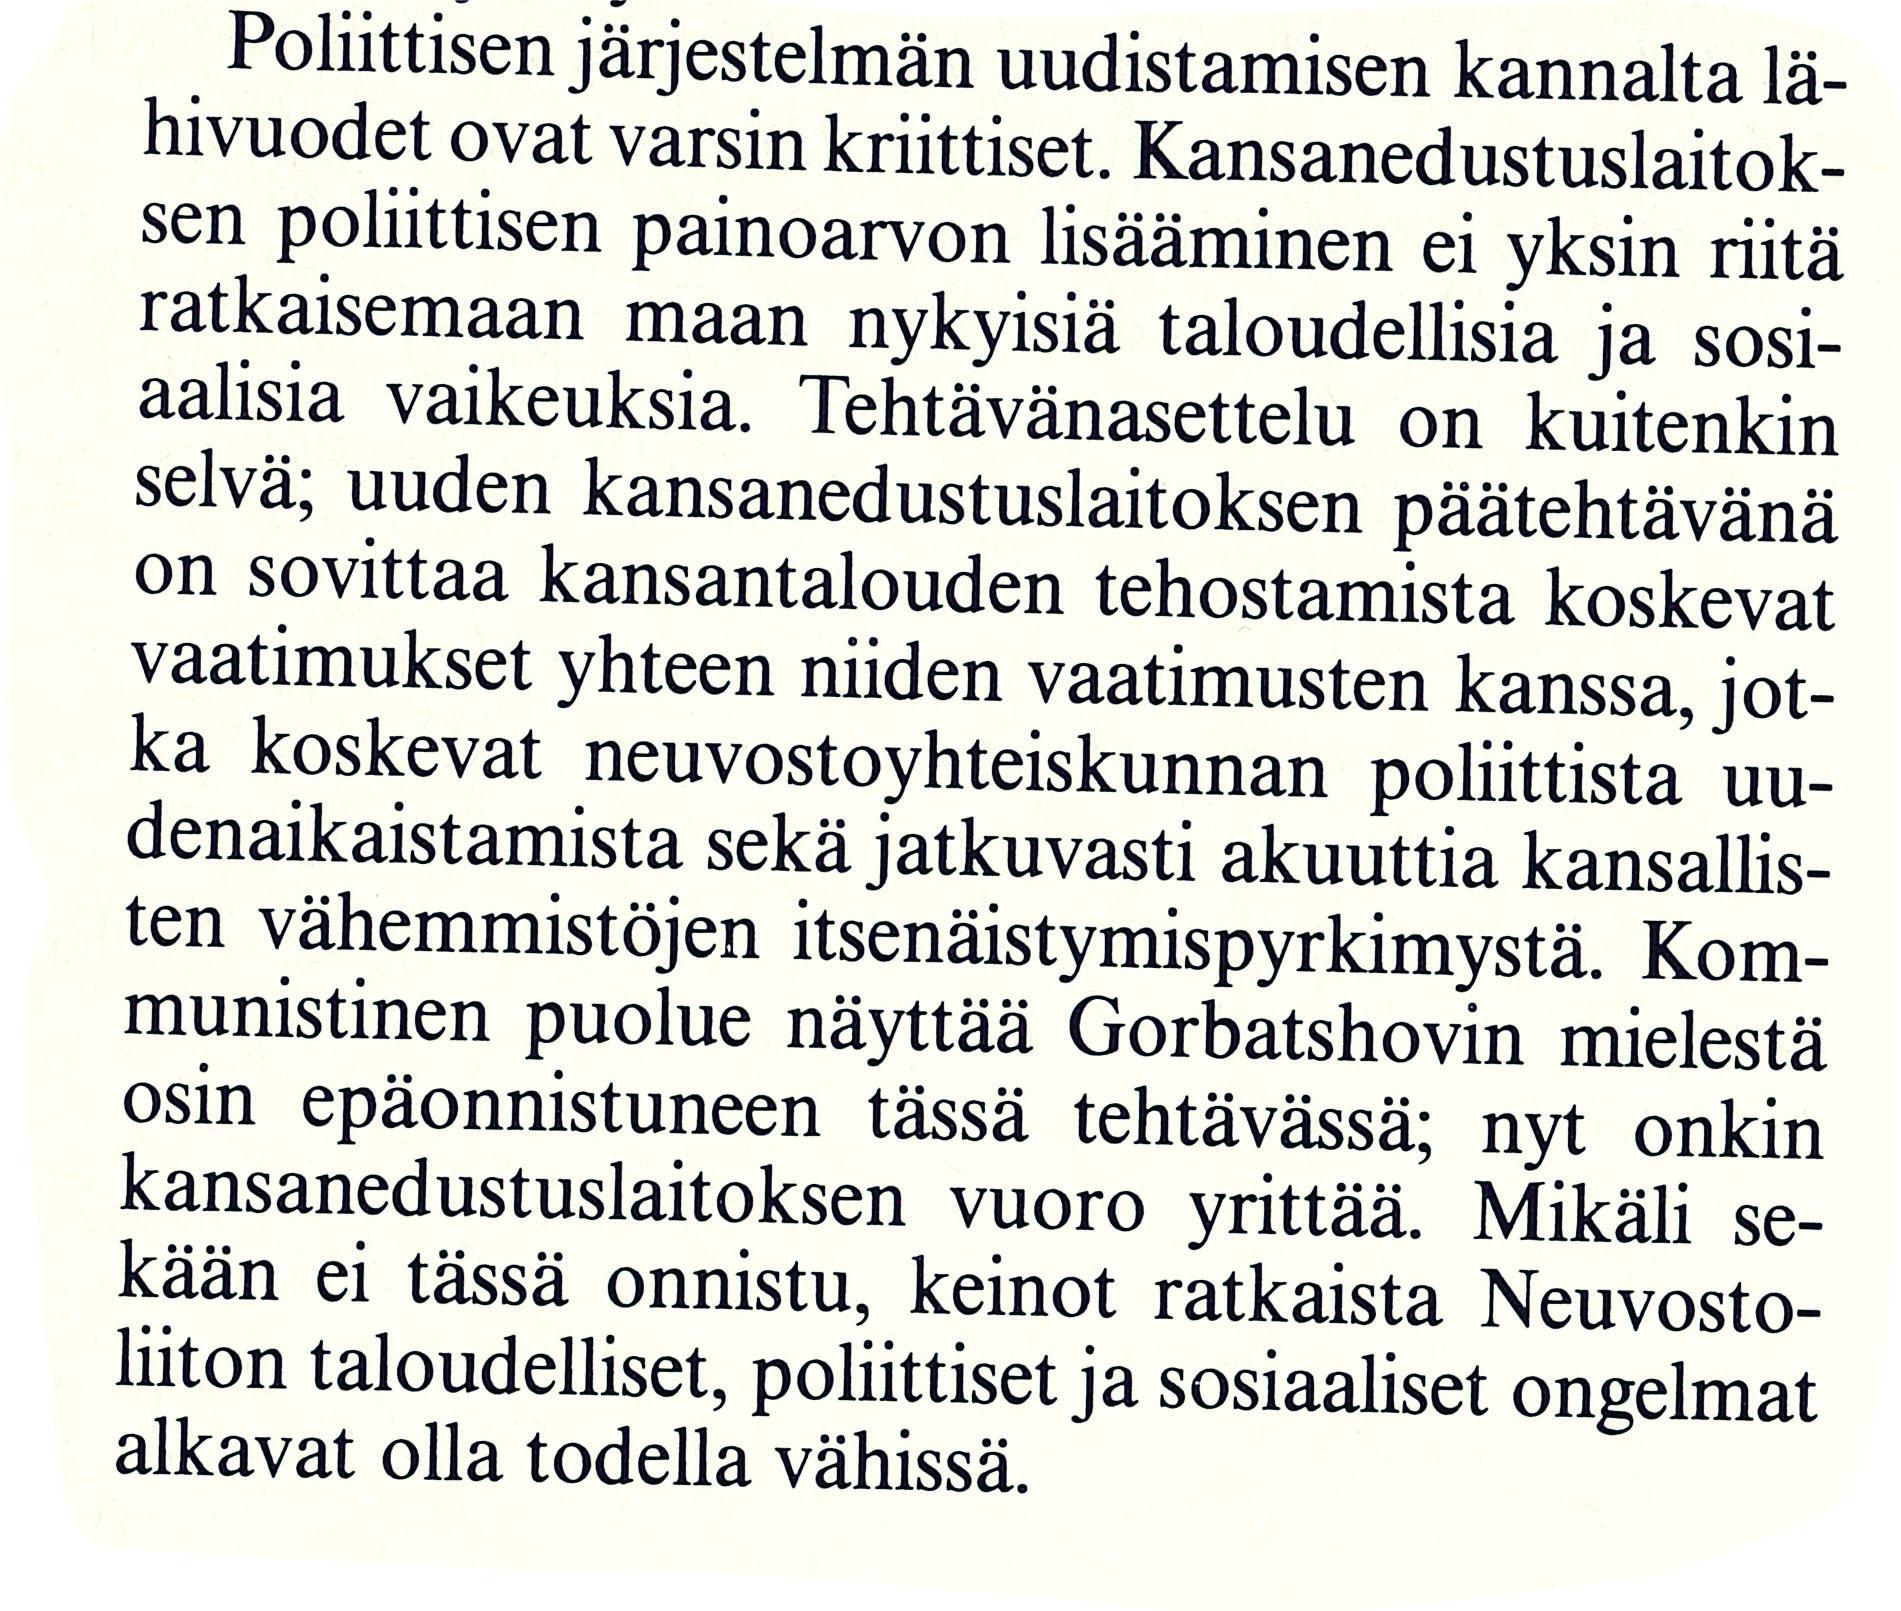 Ulkopolitiikka 3/1989, erikoistutkija Jyrki Iivonen